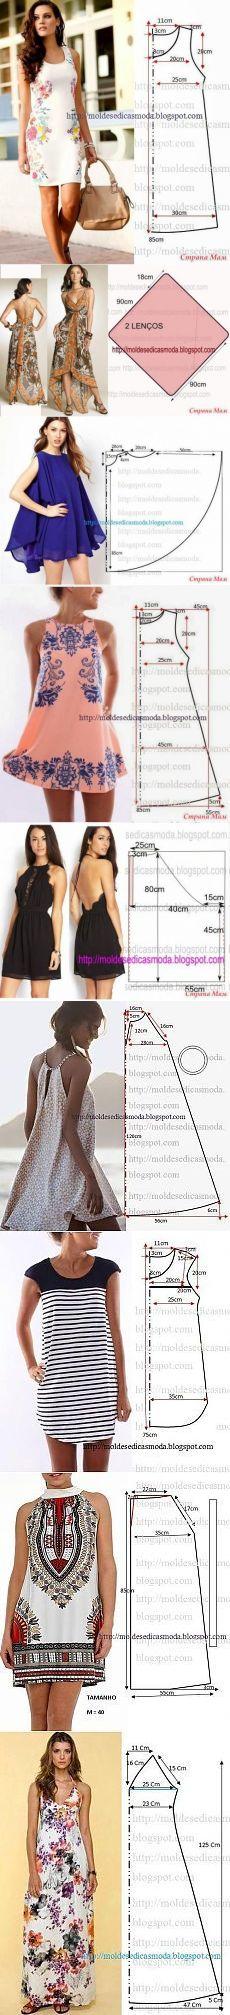 patrón simple moda vestidos de verano.